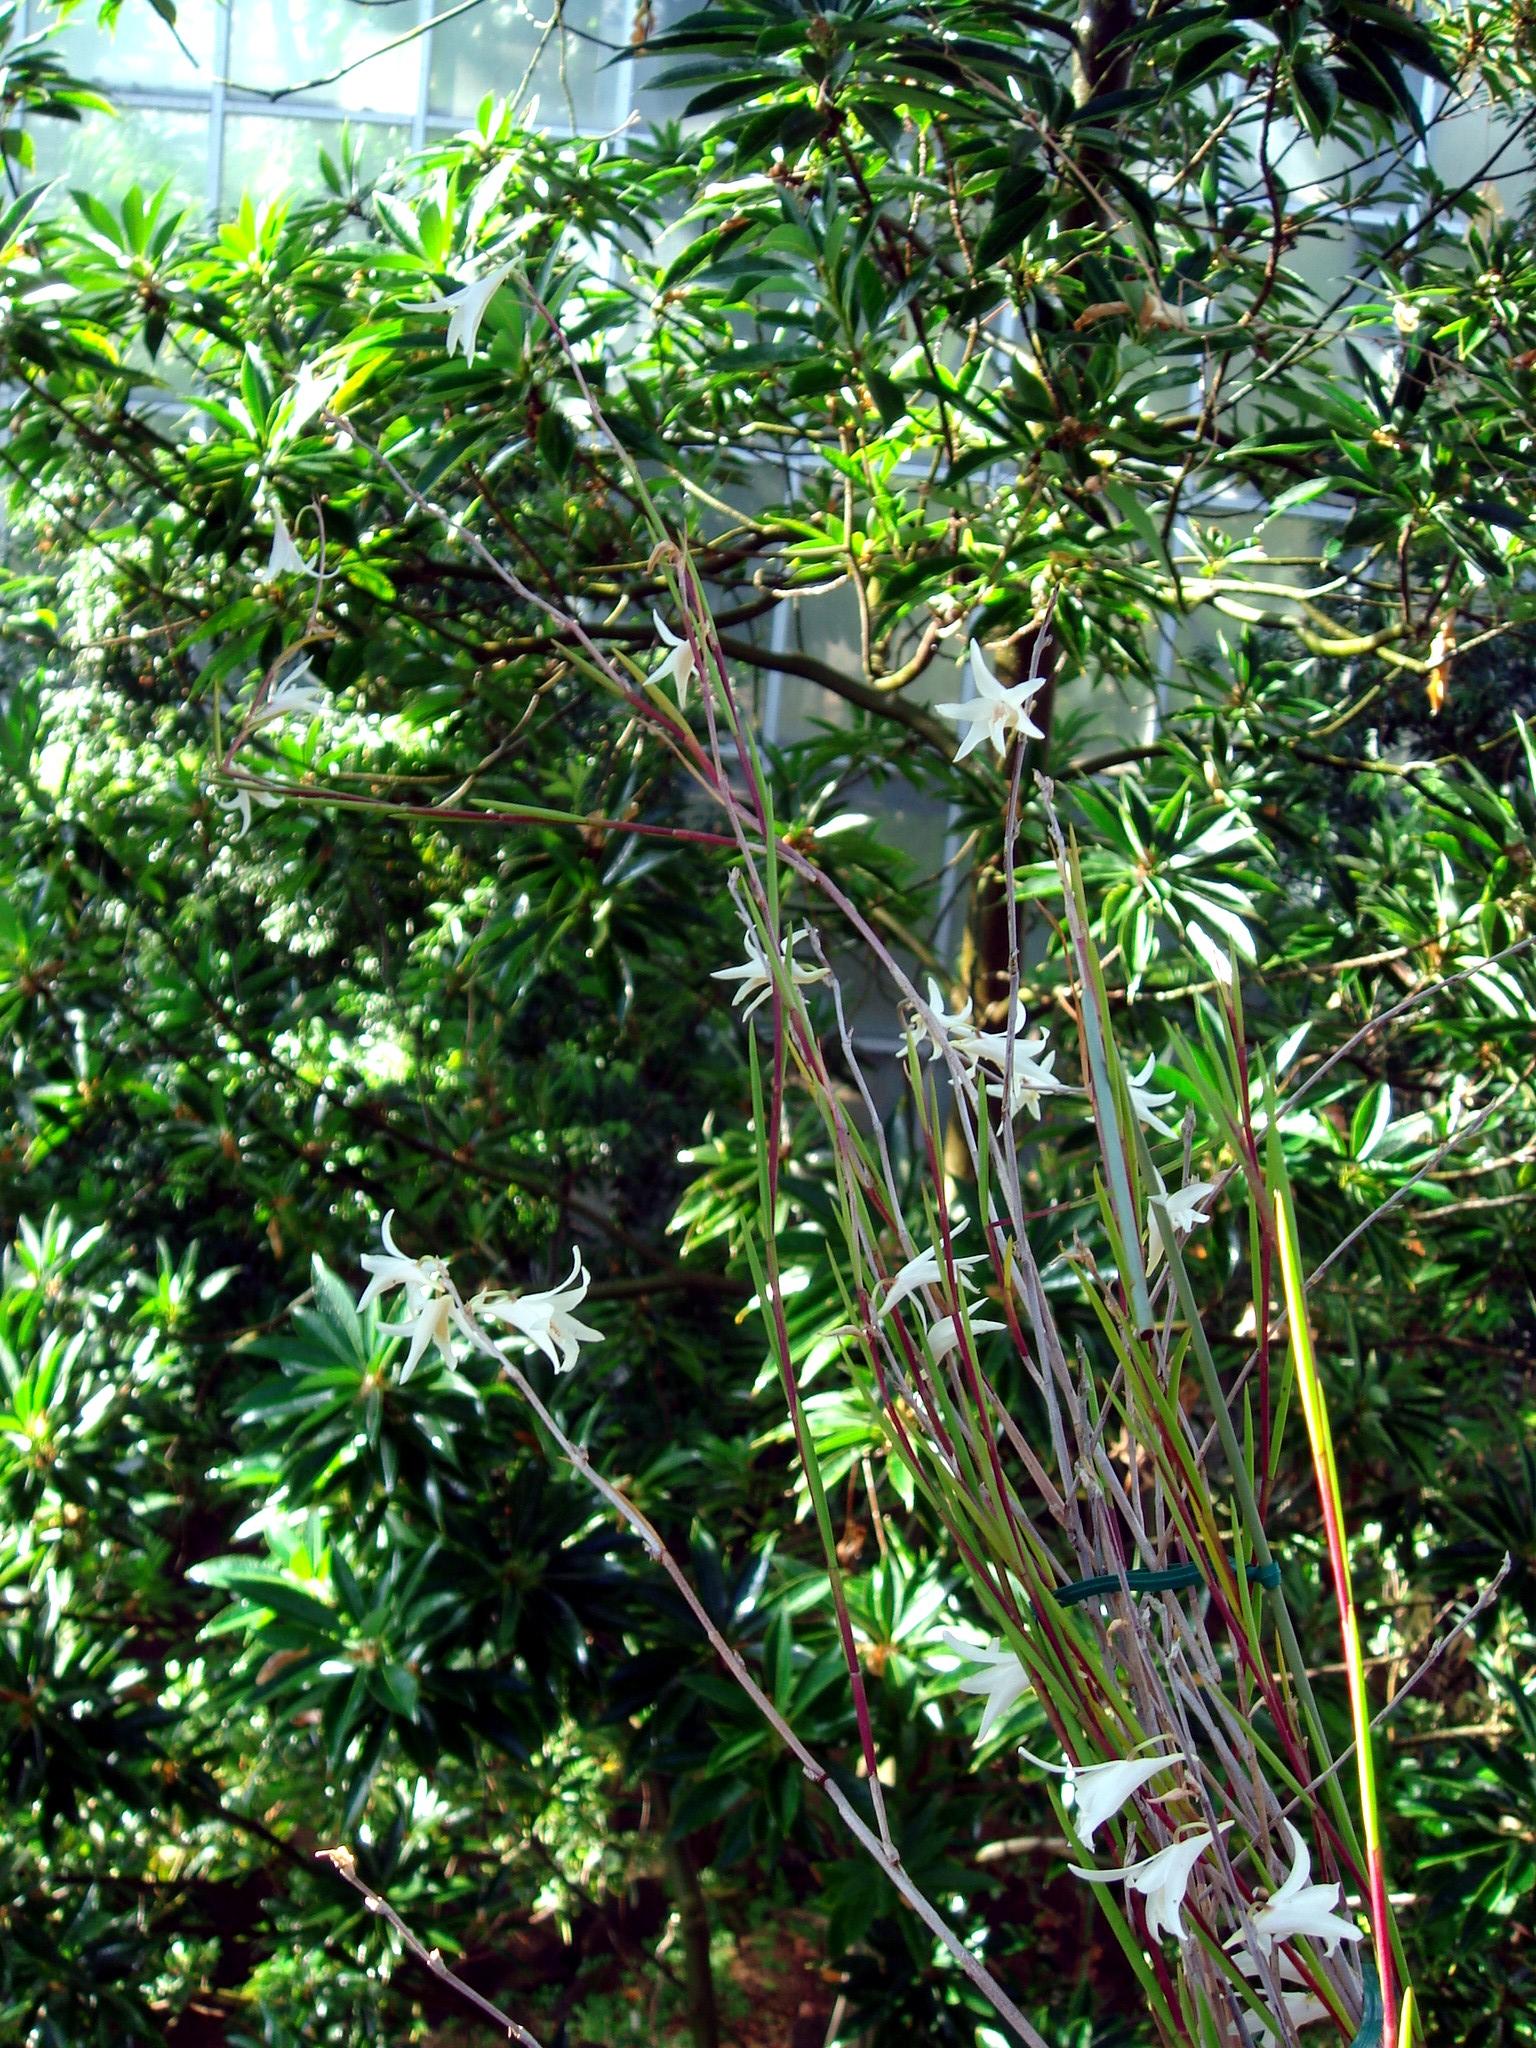 http://orchids.la.coocan.jp/Dendrobium/Dendrobium%20exile/DSC08631.JPG